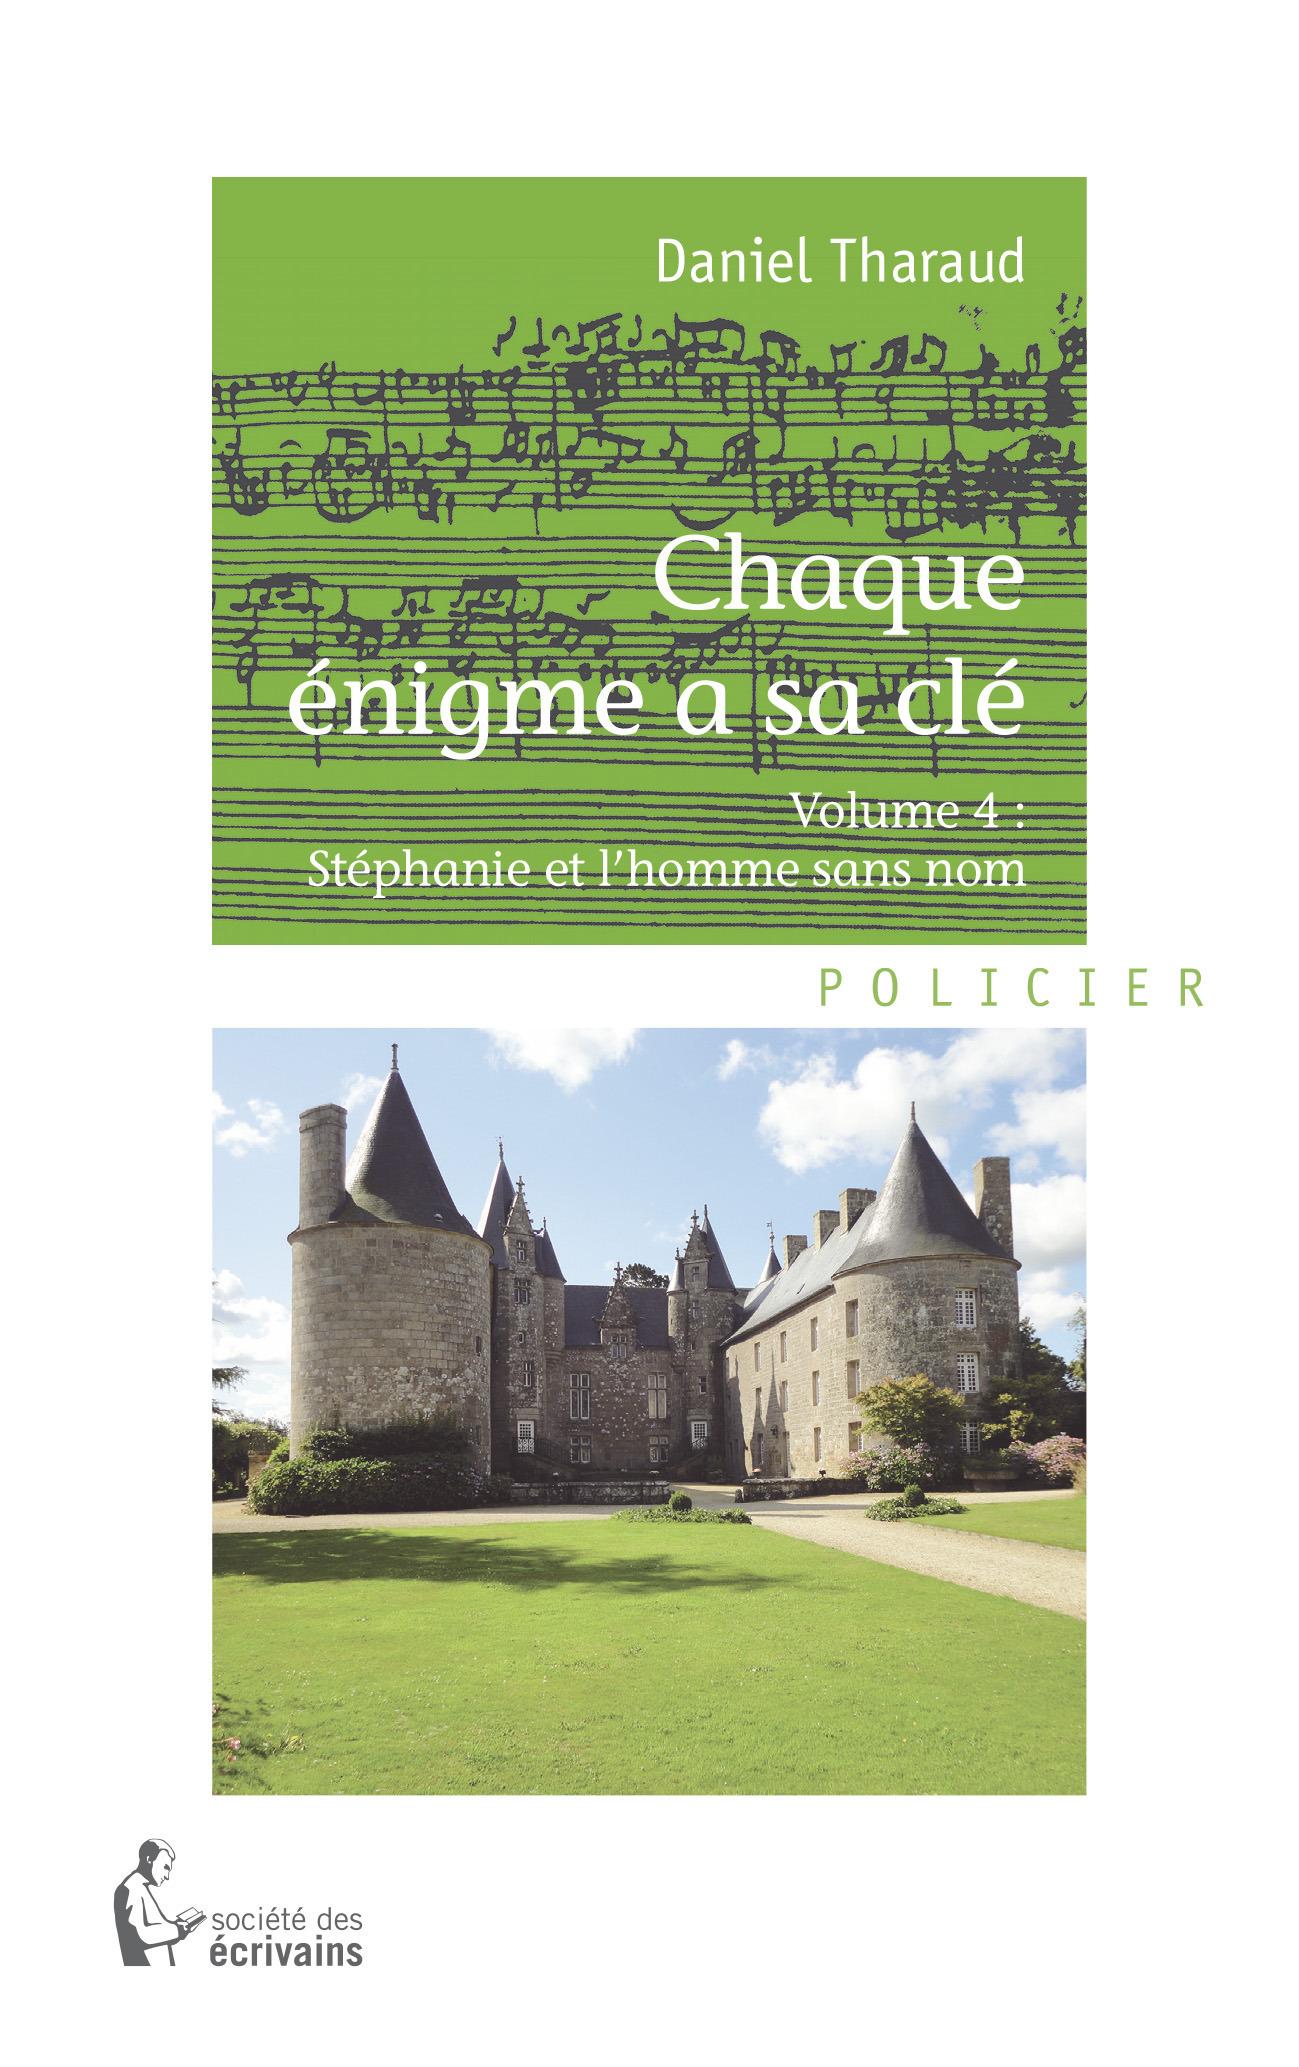 Chaque énigme a sa clé - Volume 4  - Daniel Tharaud